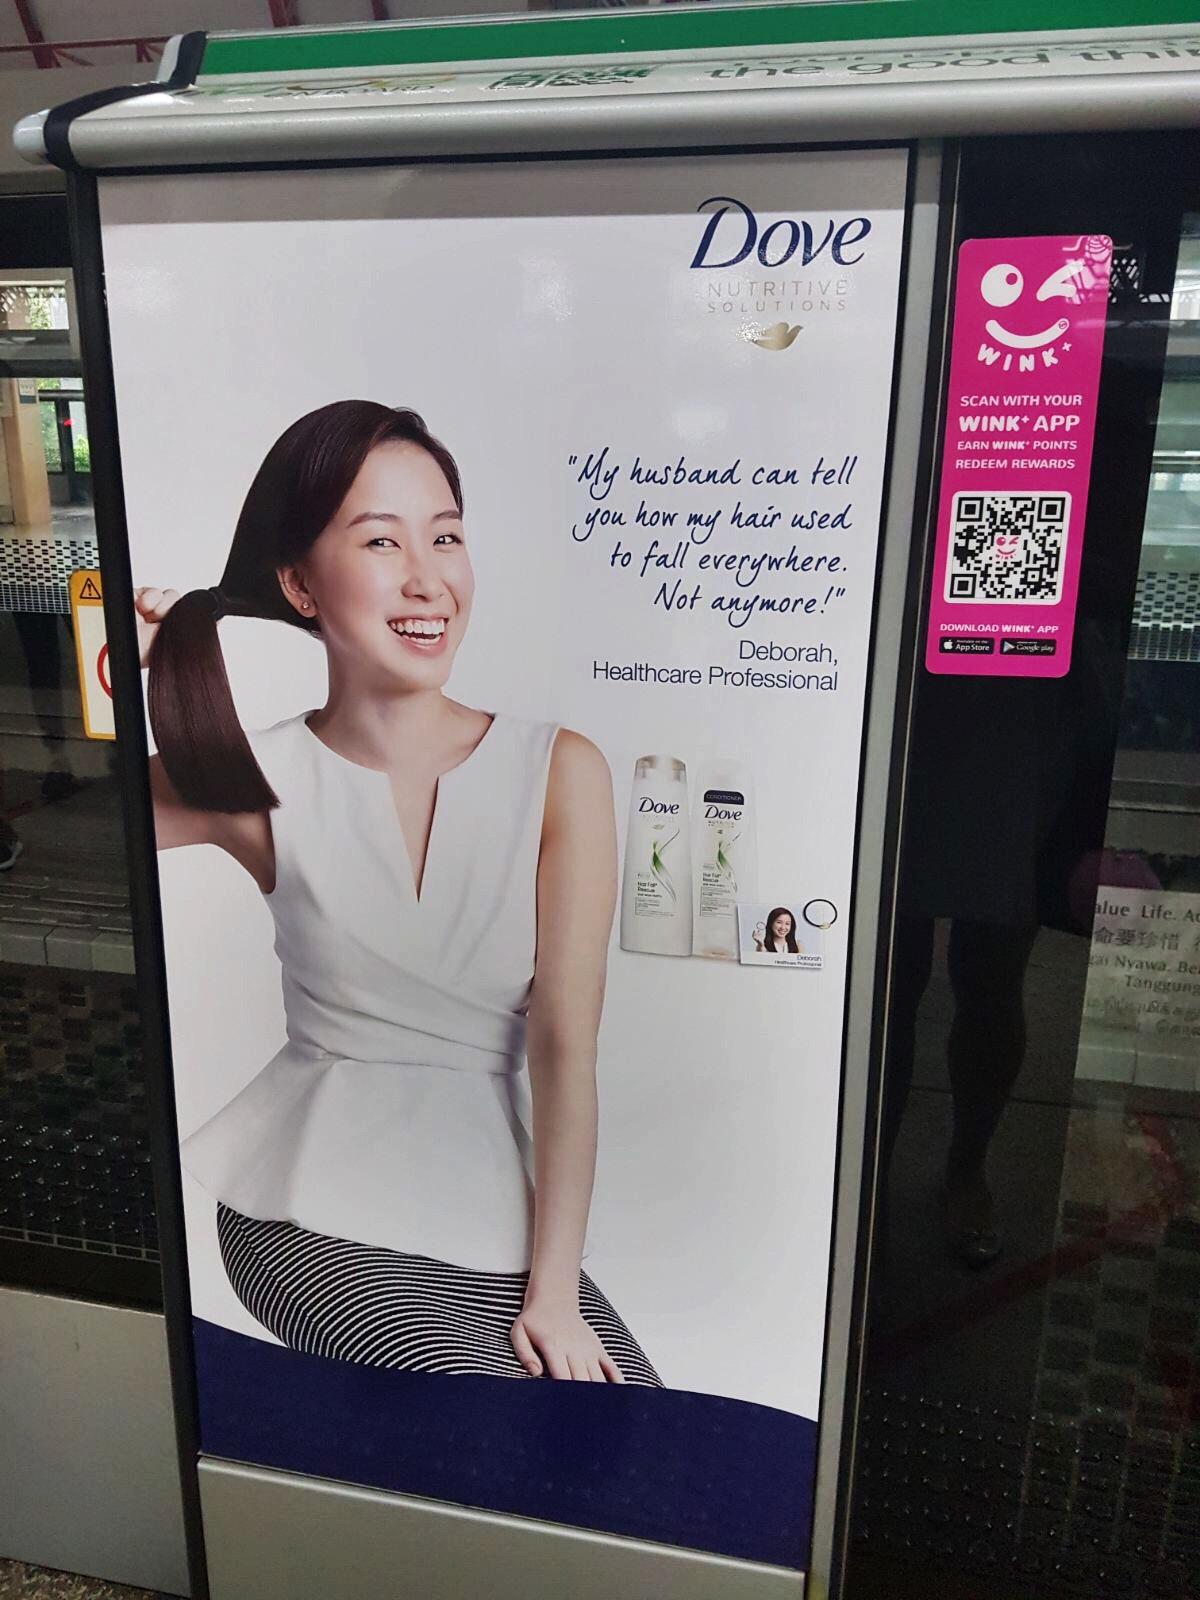 Dove Print Ad